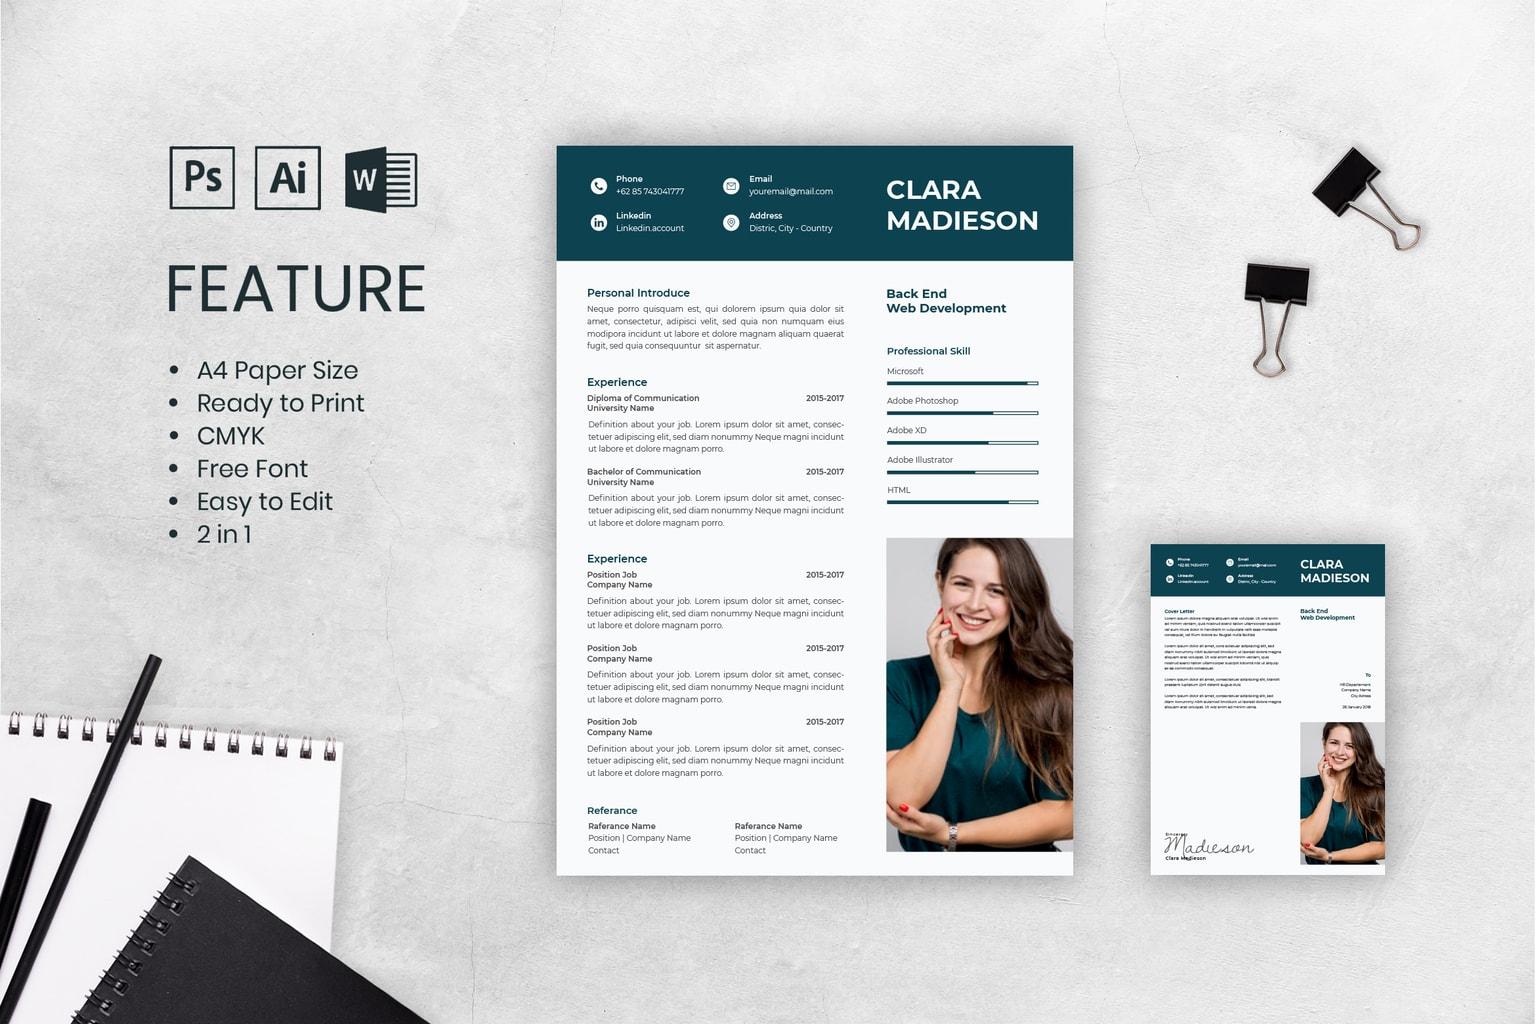 cv resume female web developer